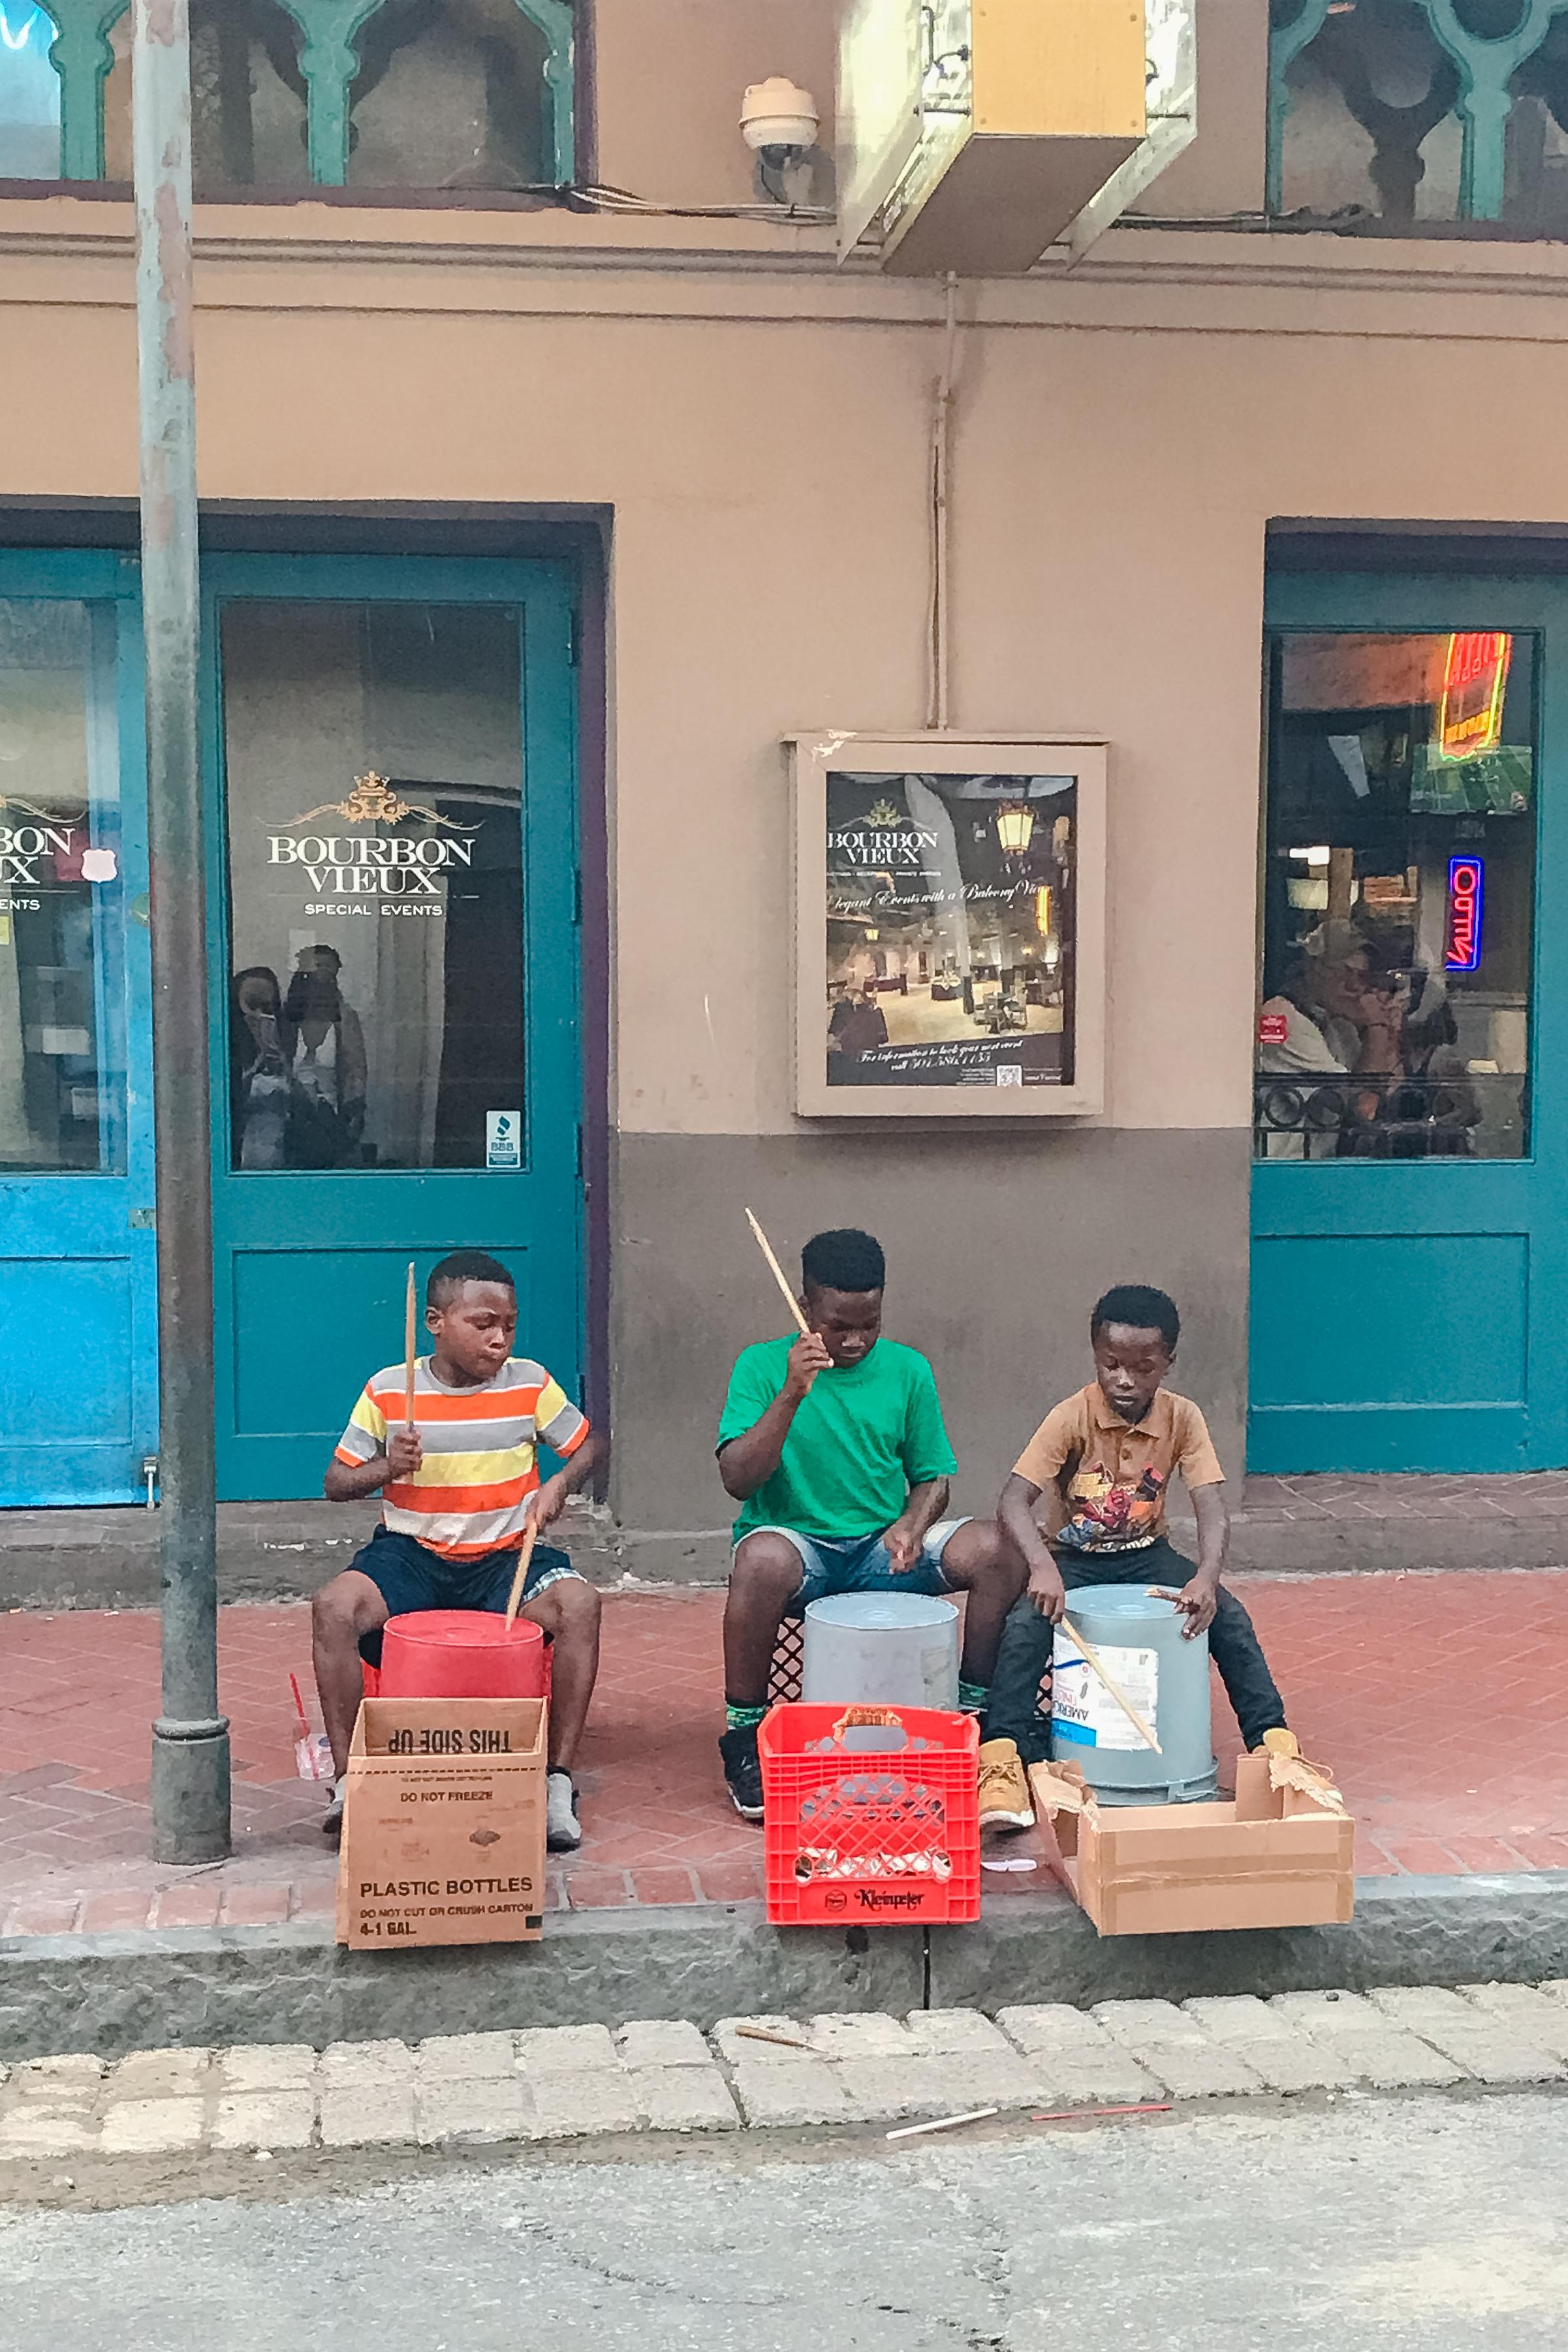 LSS New Orleans Bourbon Street Kids